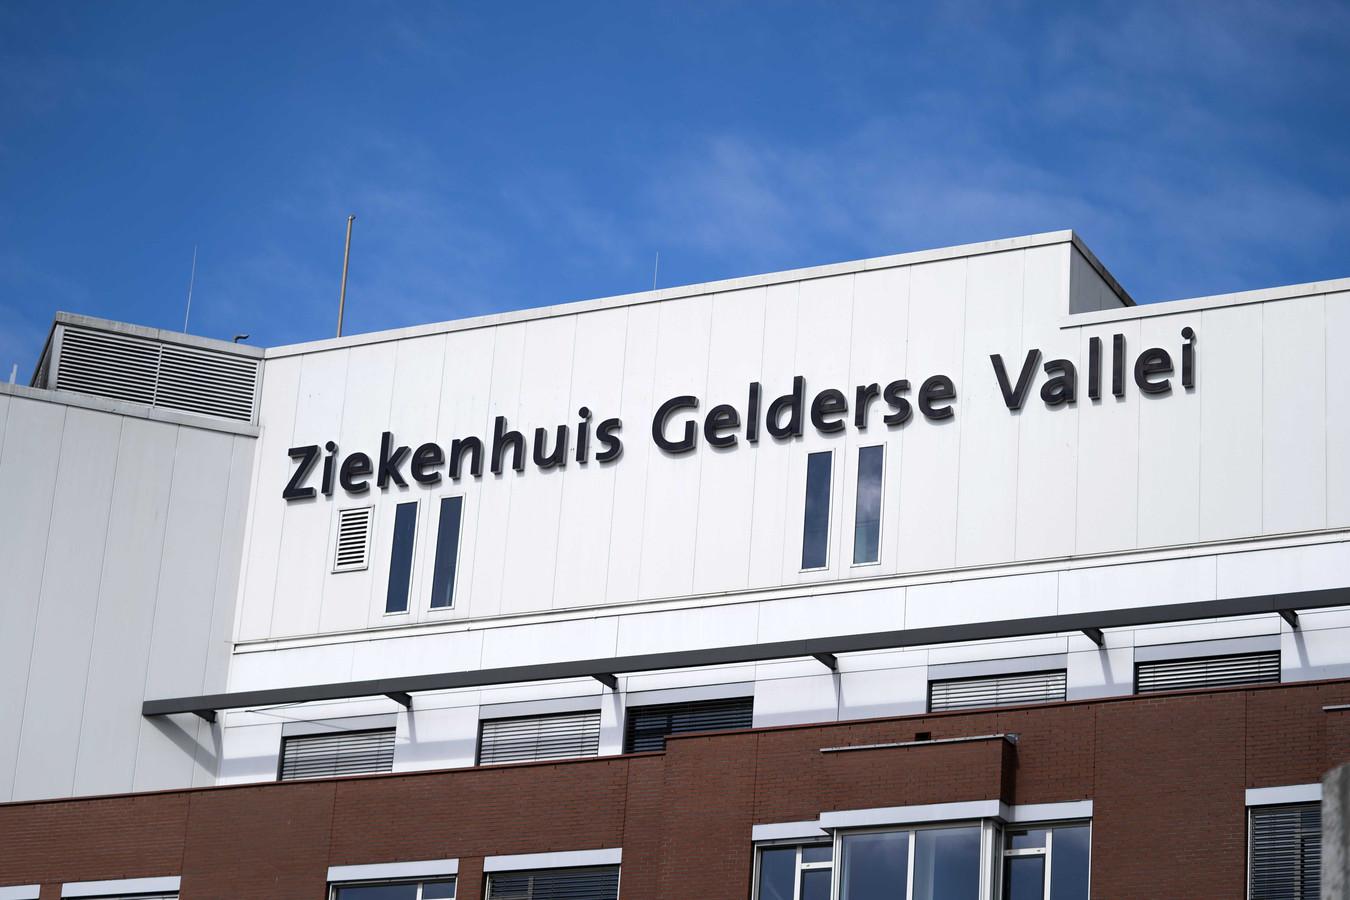 Ziekenhuis Gelderse Vallei in Ede.